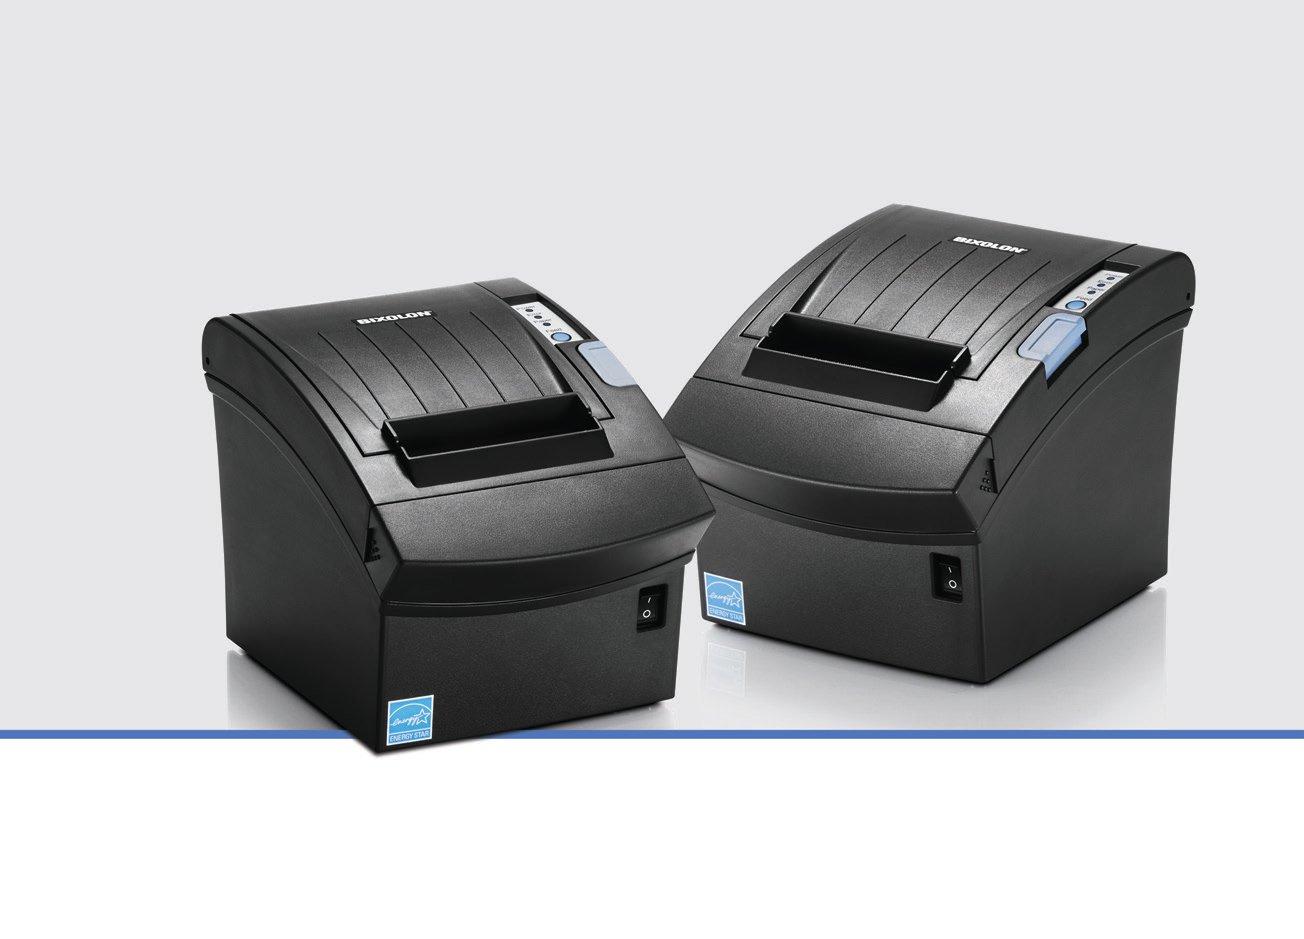 Bixolon SRP-350III Térmica directa POS printer 180 x 180 DPI ...